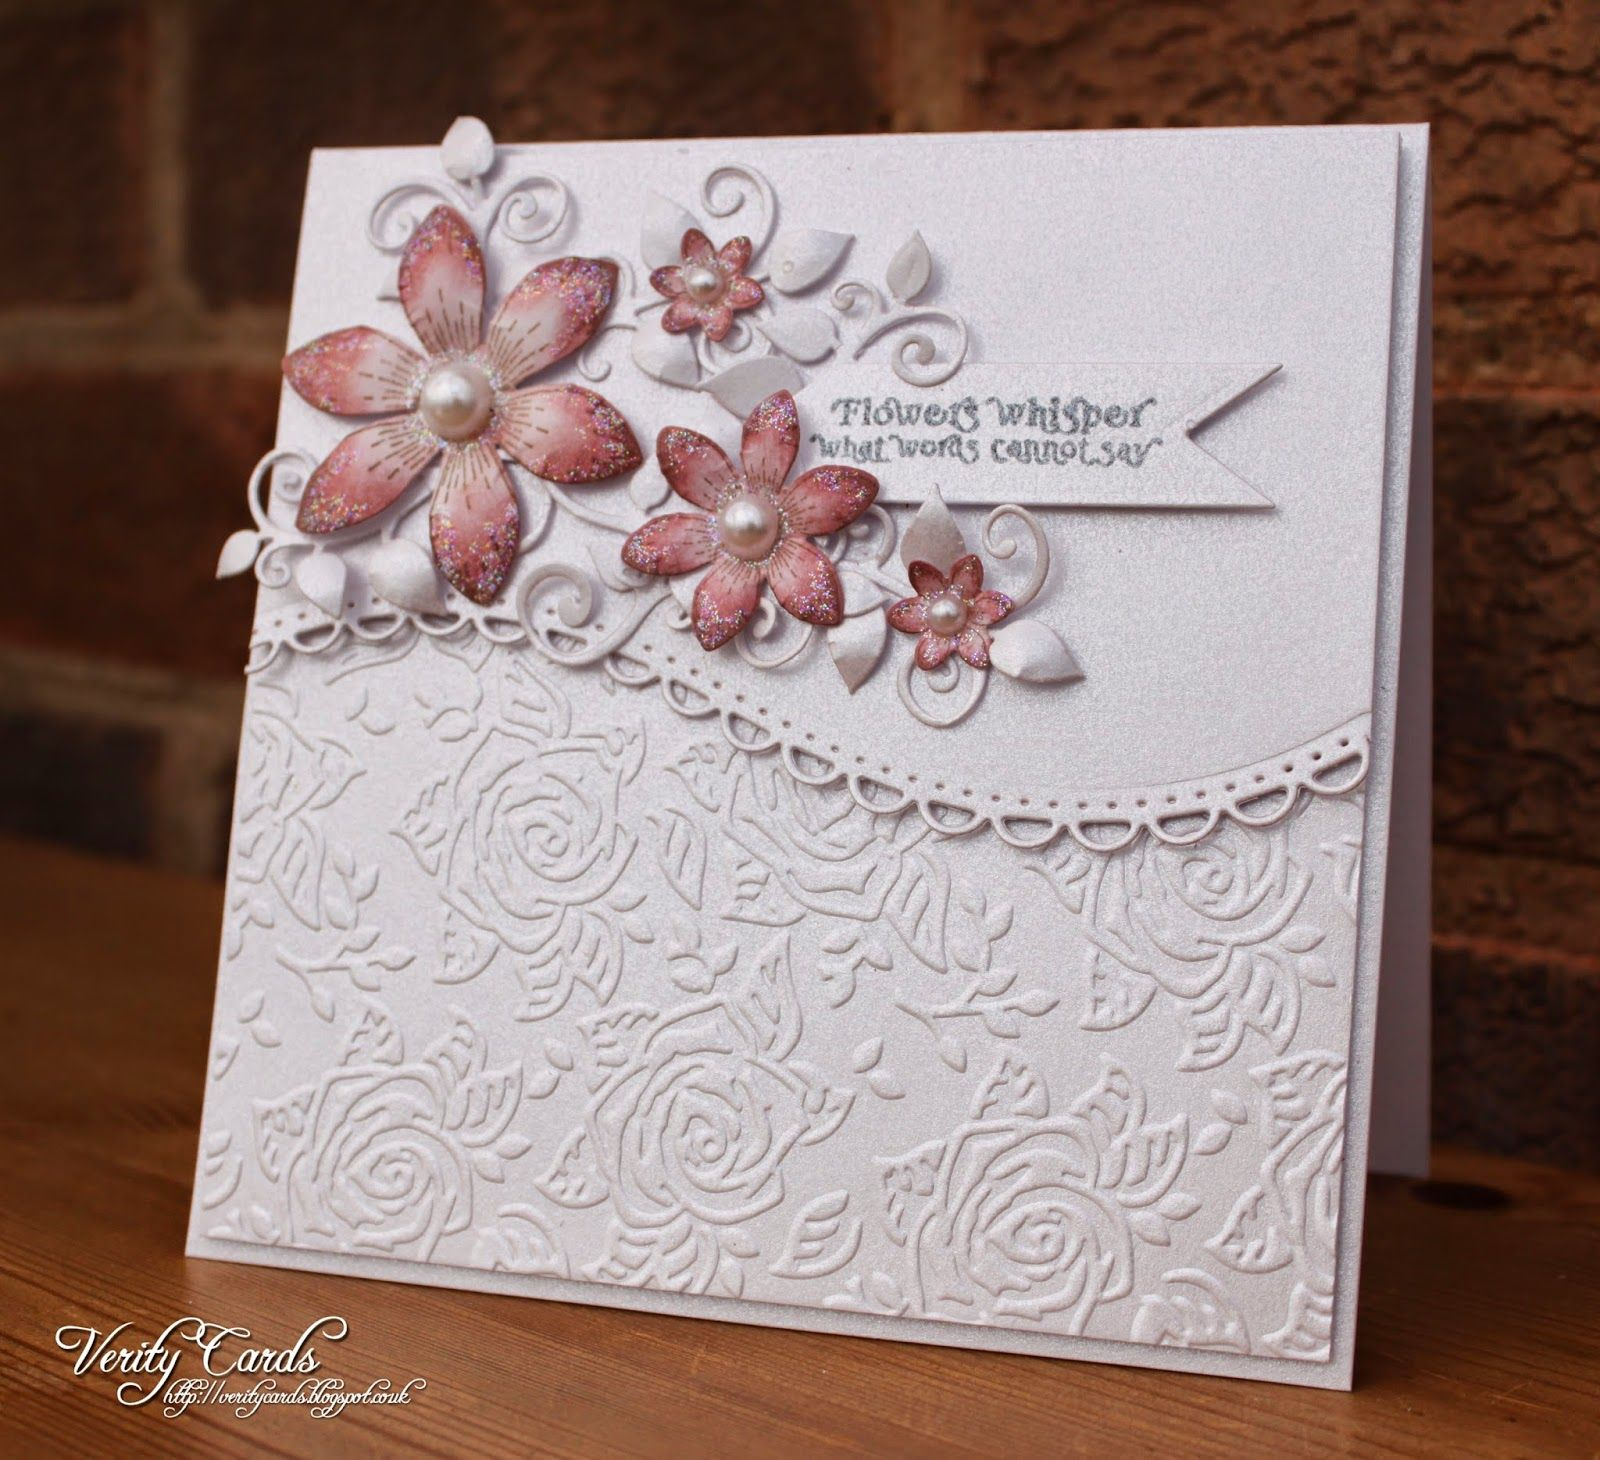 Flowers whisper verity cards happy craft pinterest whisper